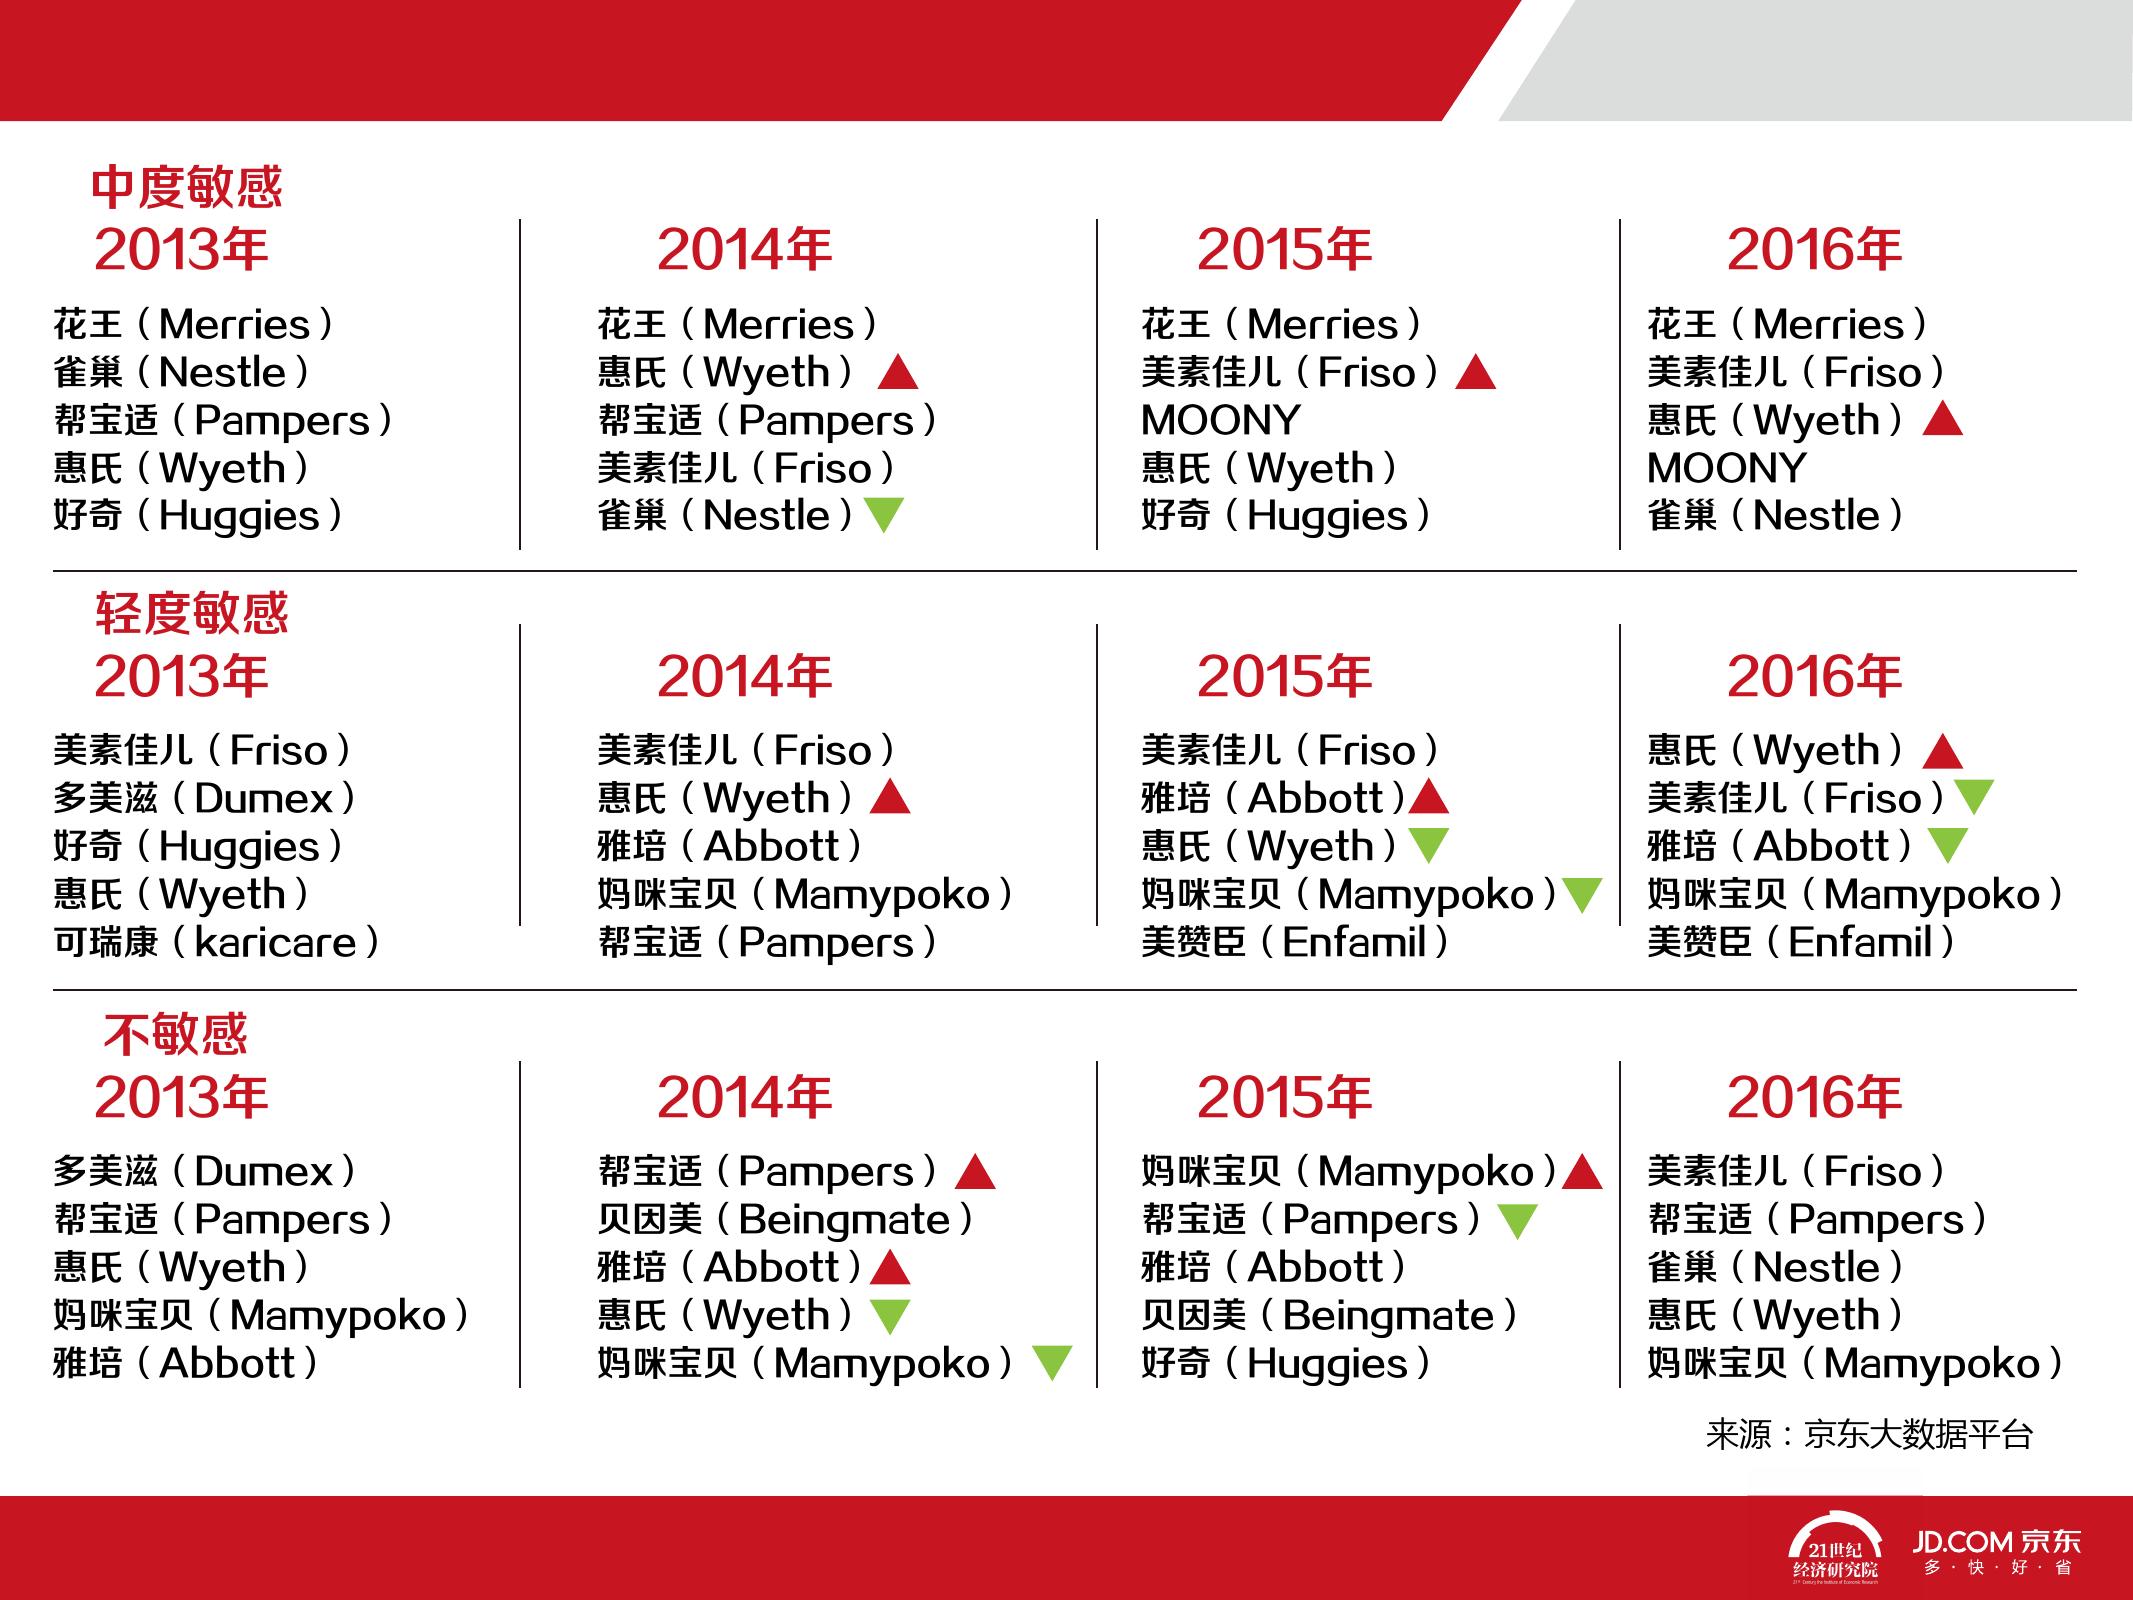 2016中国母婴产品消费趋势报告_000065